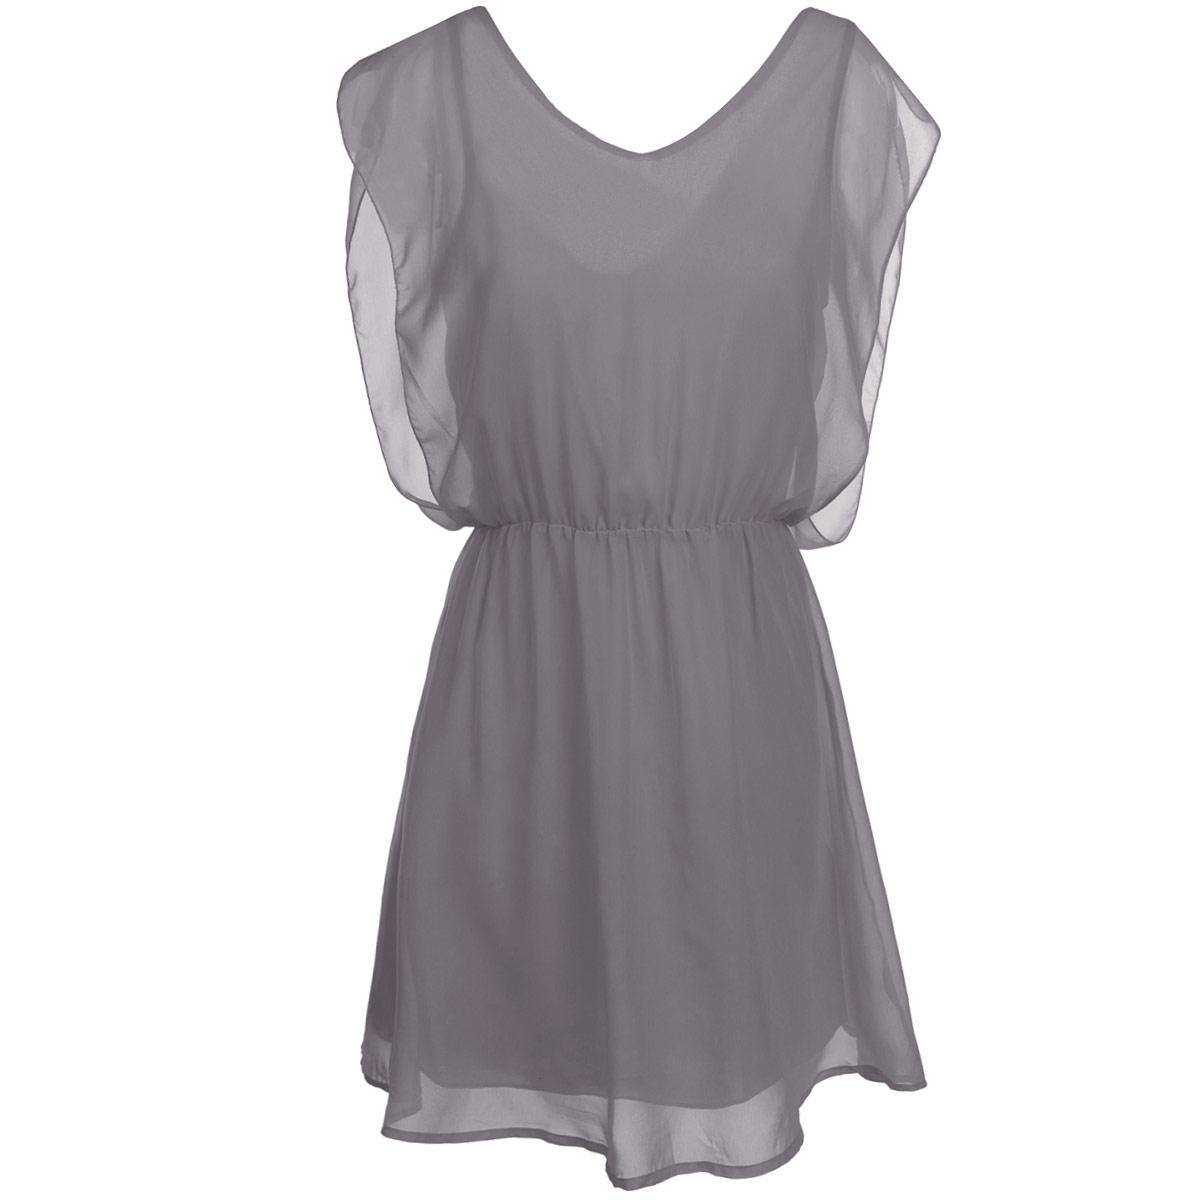 Платье. 1015183610151836 300Модное летнее платье Broadway, выполненное из высококачественного материала, - прекрасный вариант для женщин, желающих подчеркнуть свою индивидуальность и хороший вкус. Платье выполнено из полупрозрачного полиэстера с подкладкой. Модель приталенного силуэта на широких лямках и с V-образным вырезом горловины. На спинке платье застегивается на пуговку. Линию талии подчеркивает эластичная резинка. Лаконичный дизайн и совершенство стиля подчеркнут вашу индивидуальность.